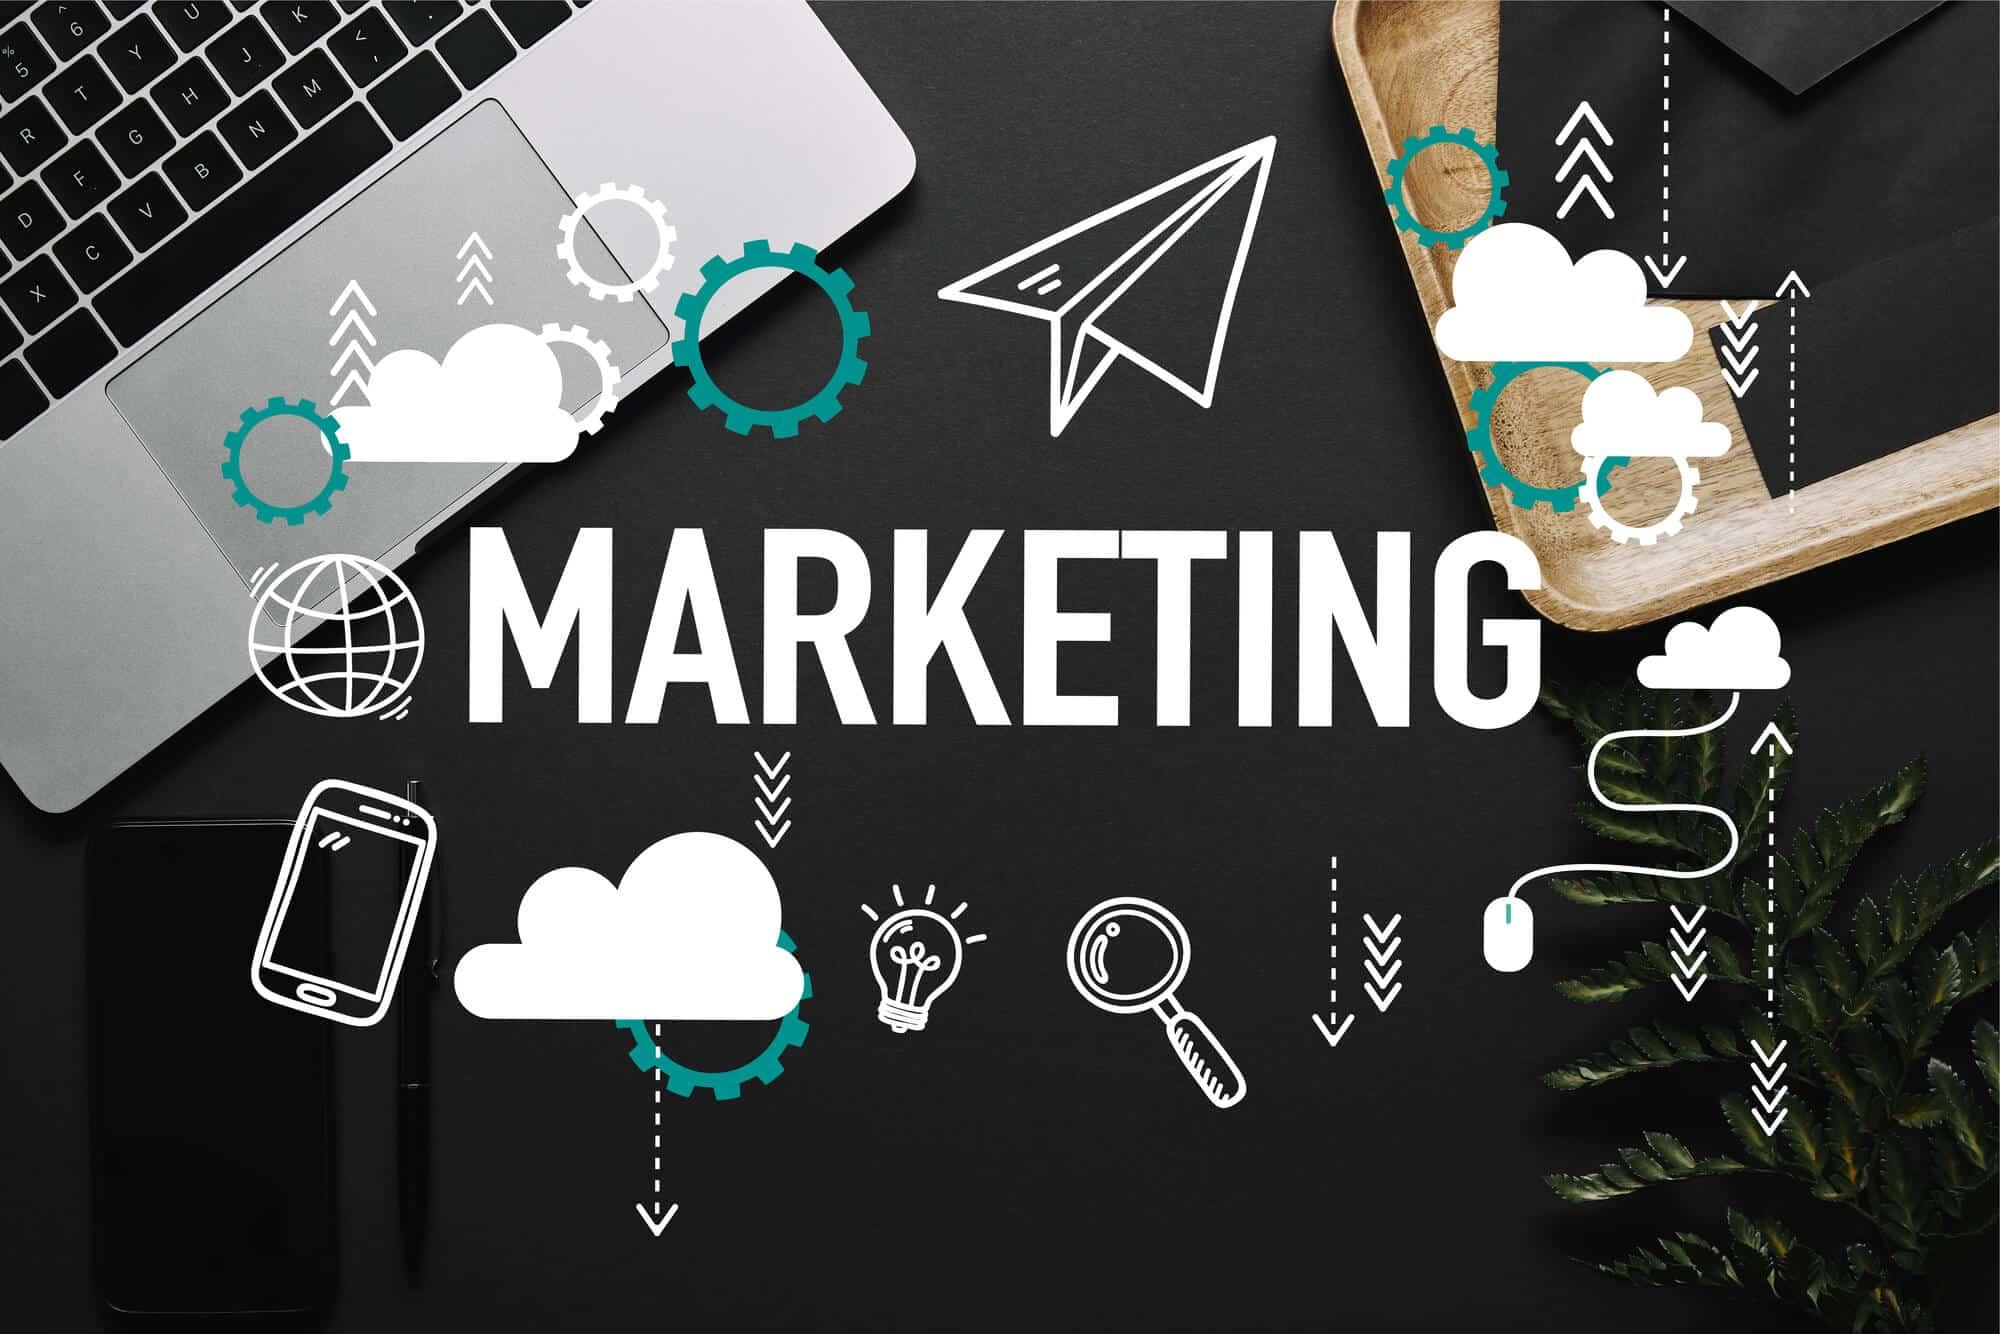 Digital Marketing Agency in Slidell - Big Easy SEO